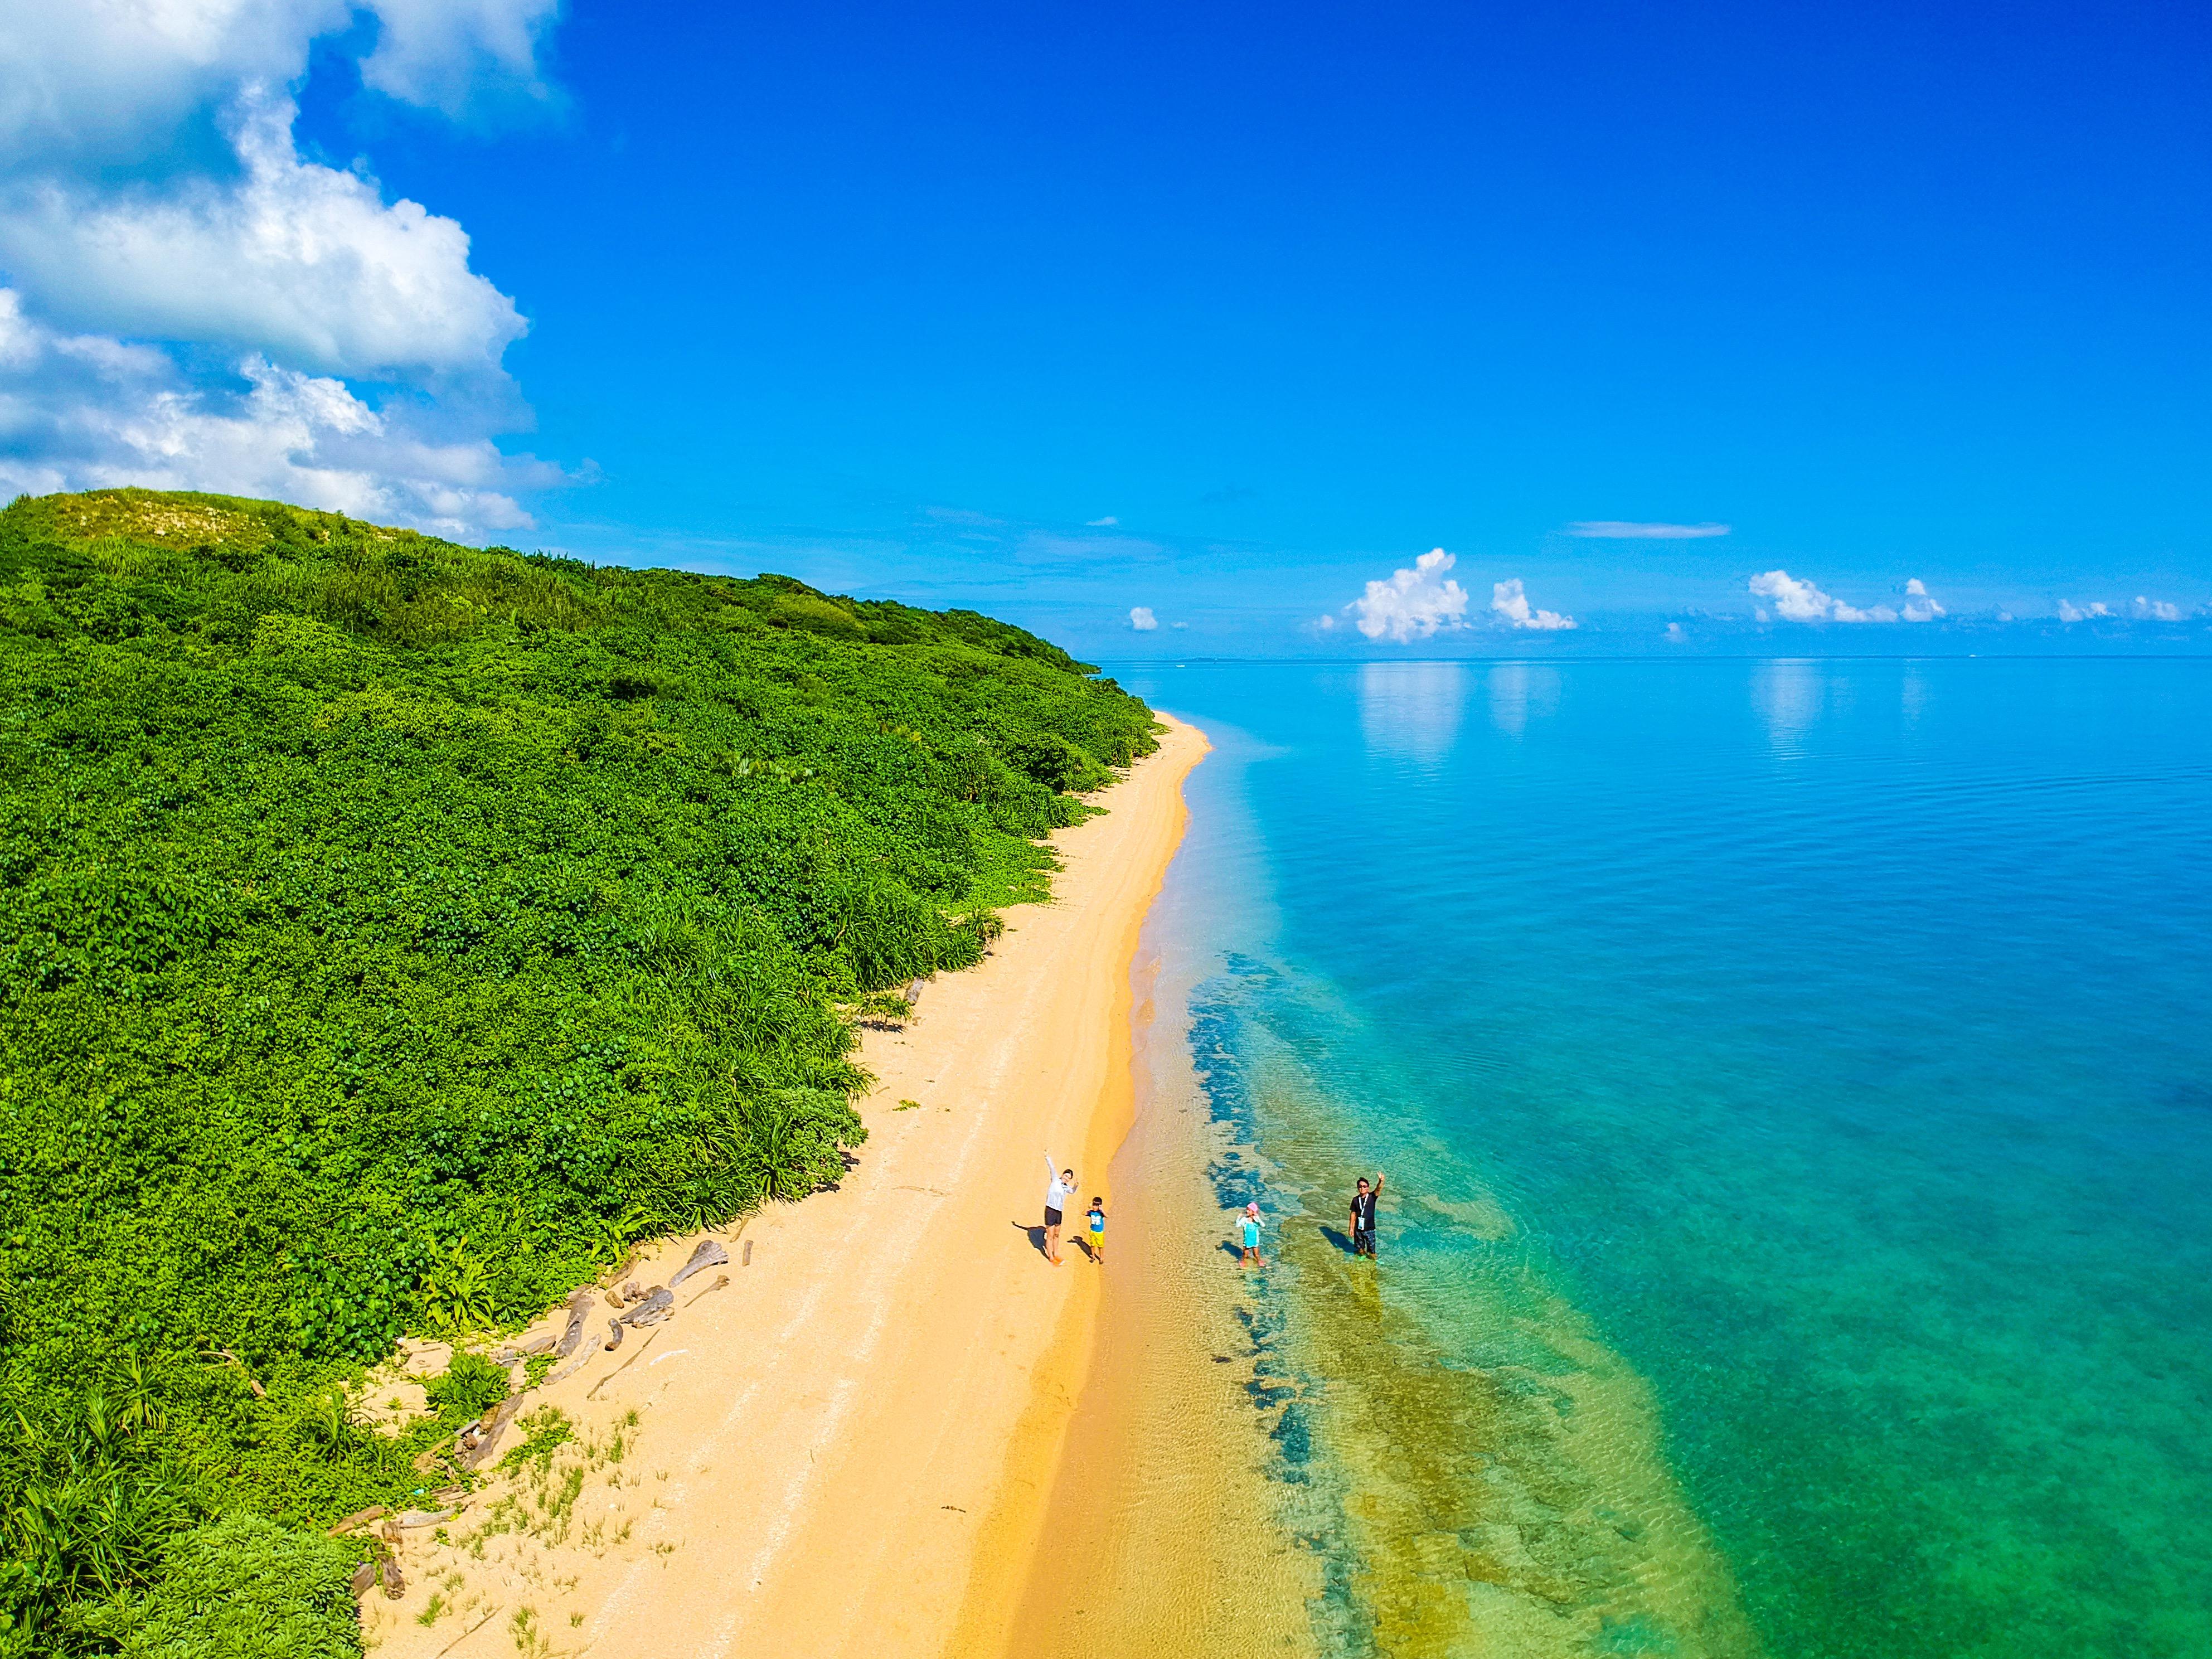 海岸沿いが綺麗な細崎海岸